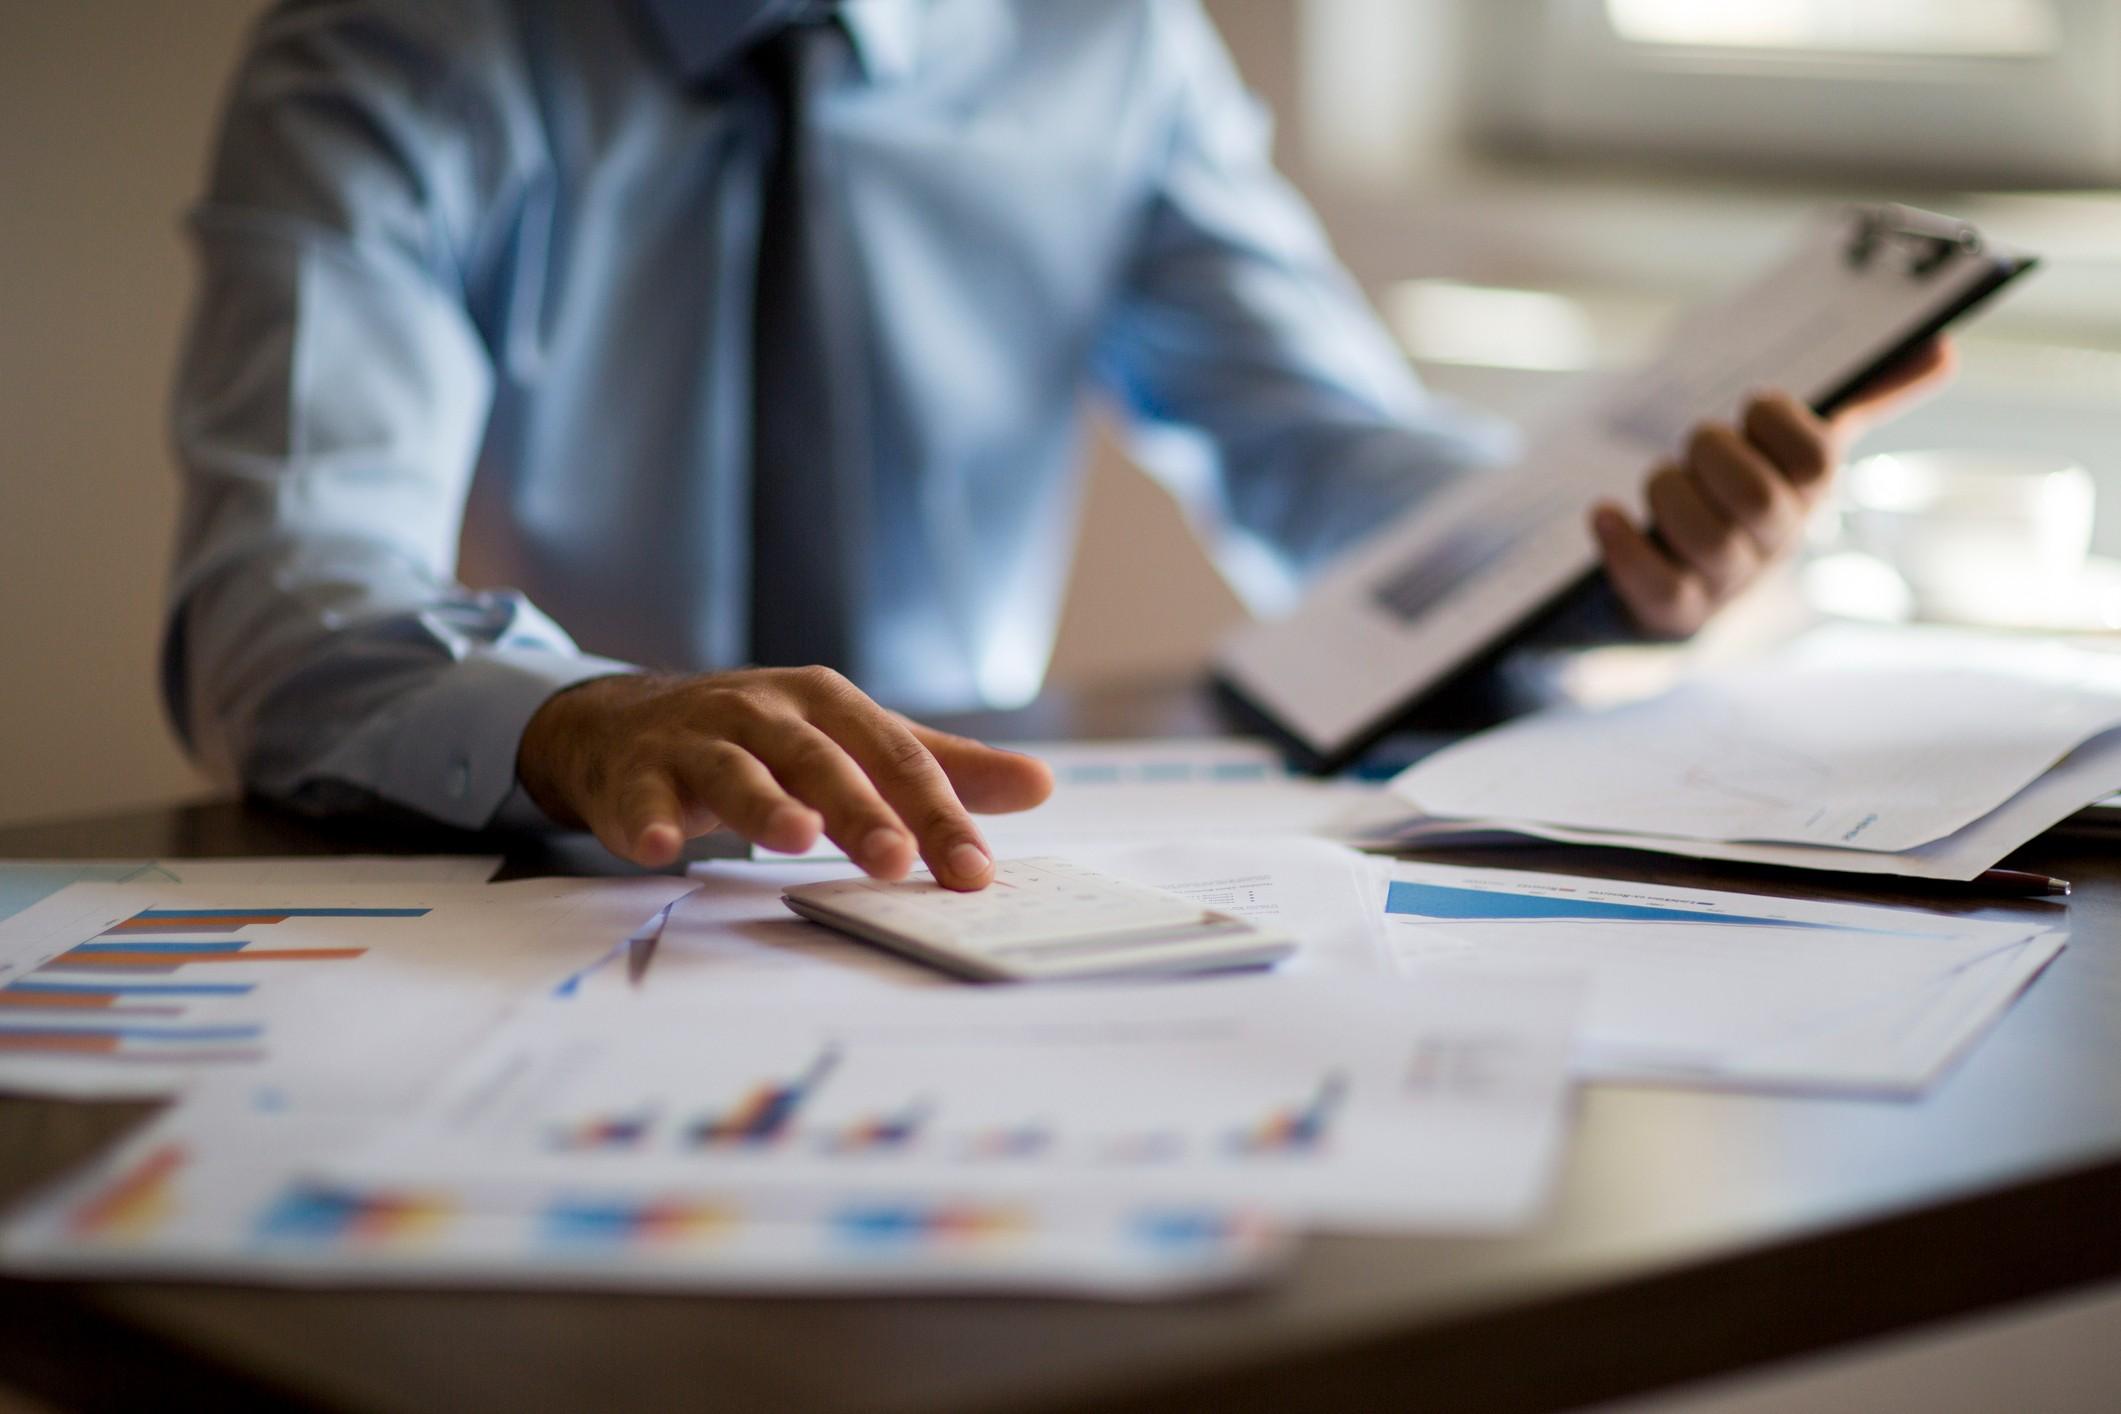 Afinal, qual a diferença entre custo e investimento? Descubra aqui!